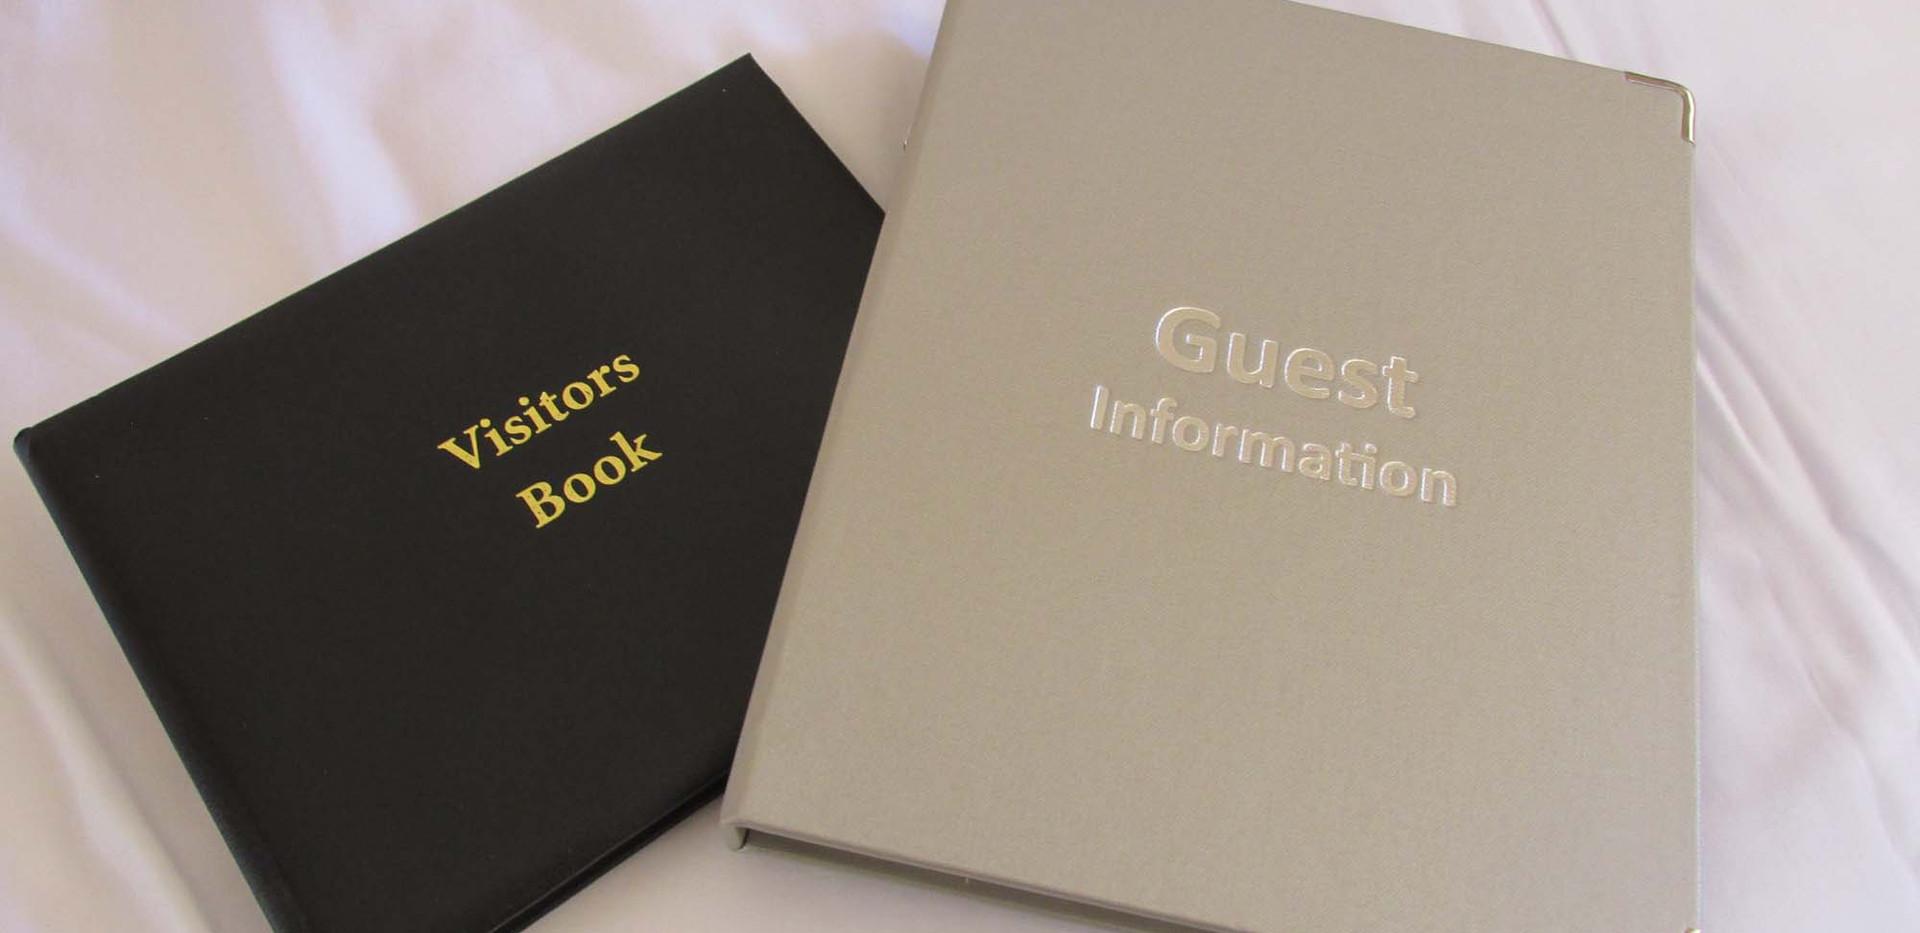 Pod Guest Info.jpg